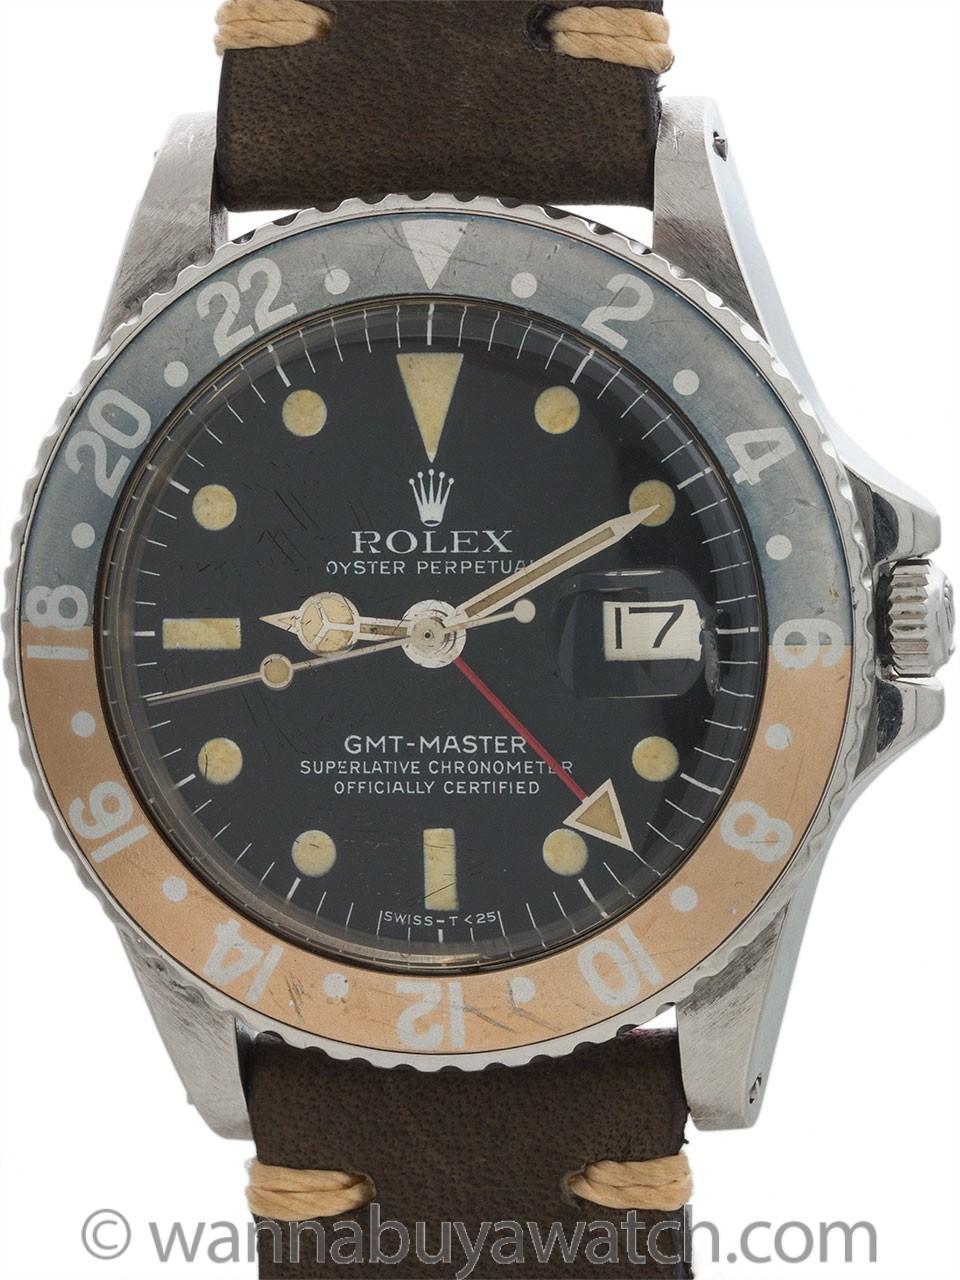 Rolex GMT Master ref 1675 circa 1968